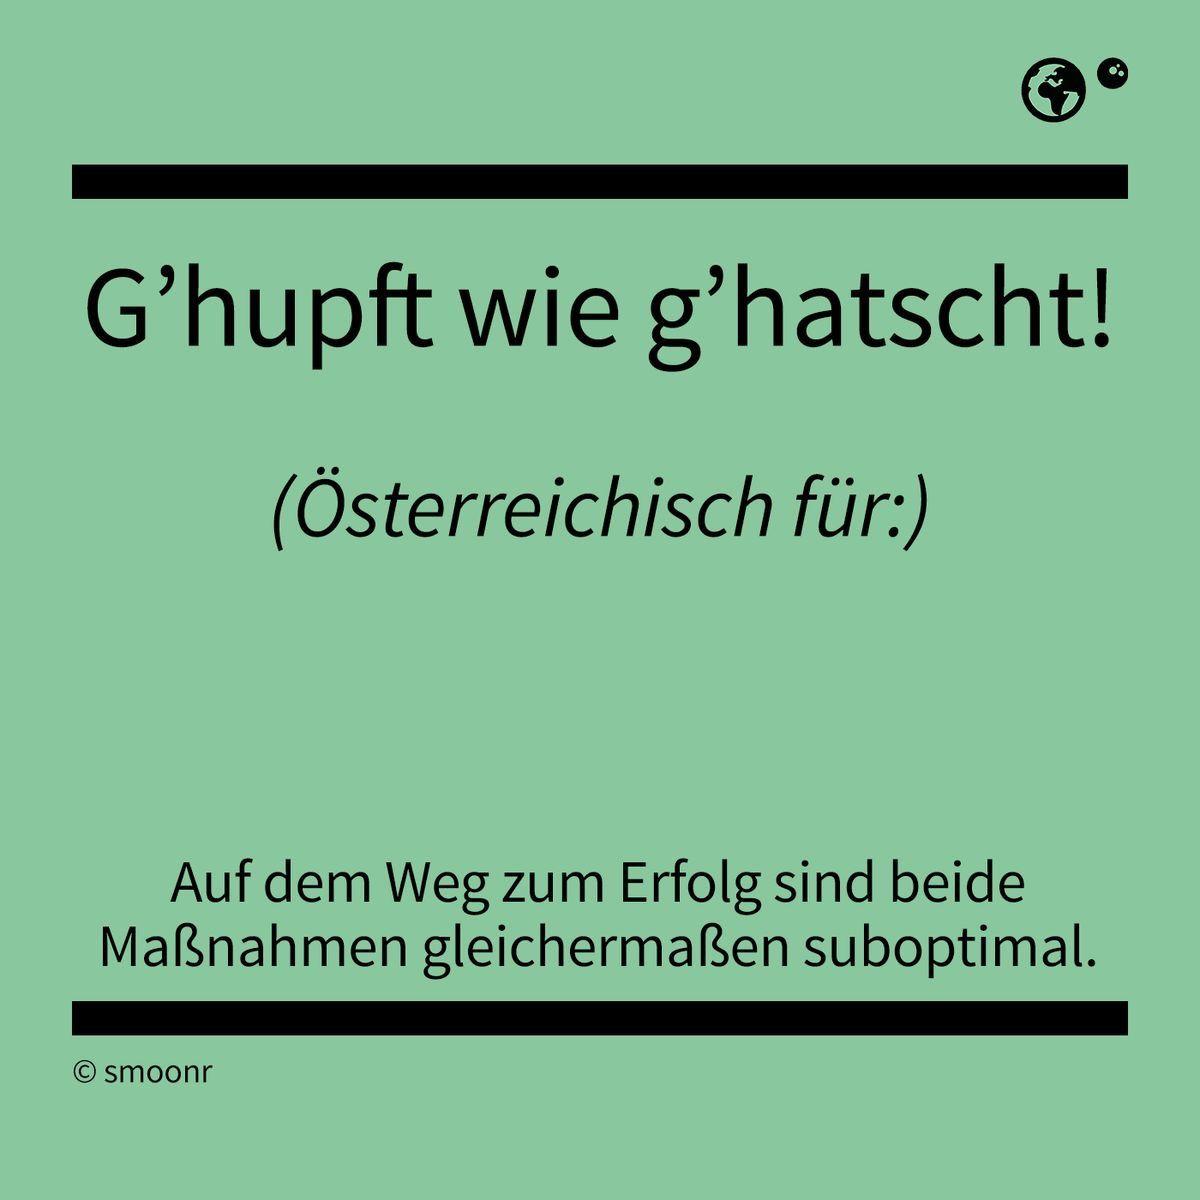 Pin Von Elisabeth Schopf Auf Weanerisch Osterreichische Worter Spruche Gedichte Und Spruche